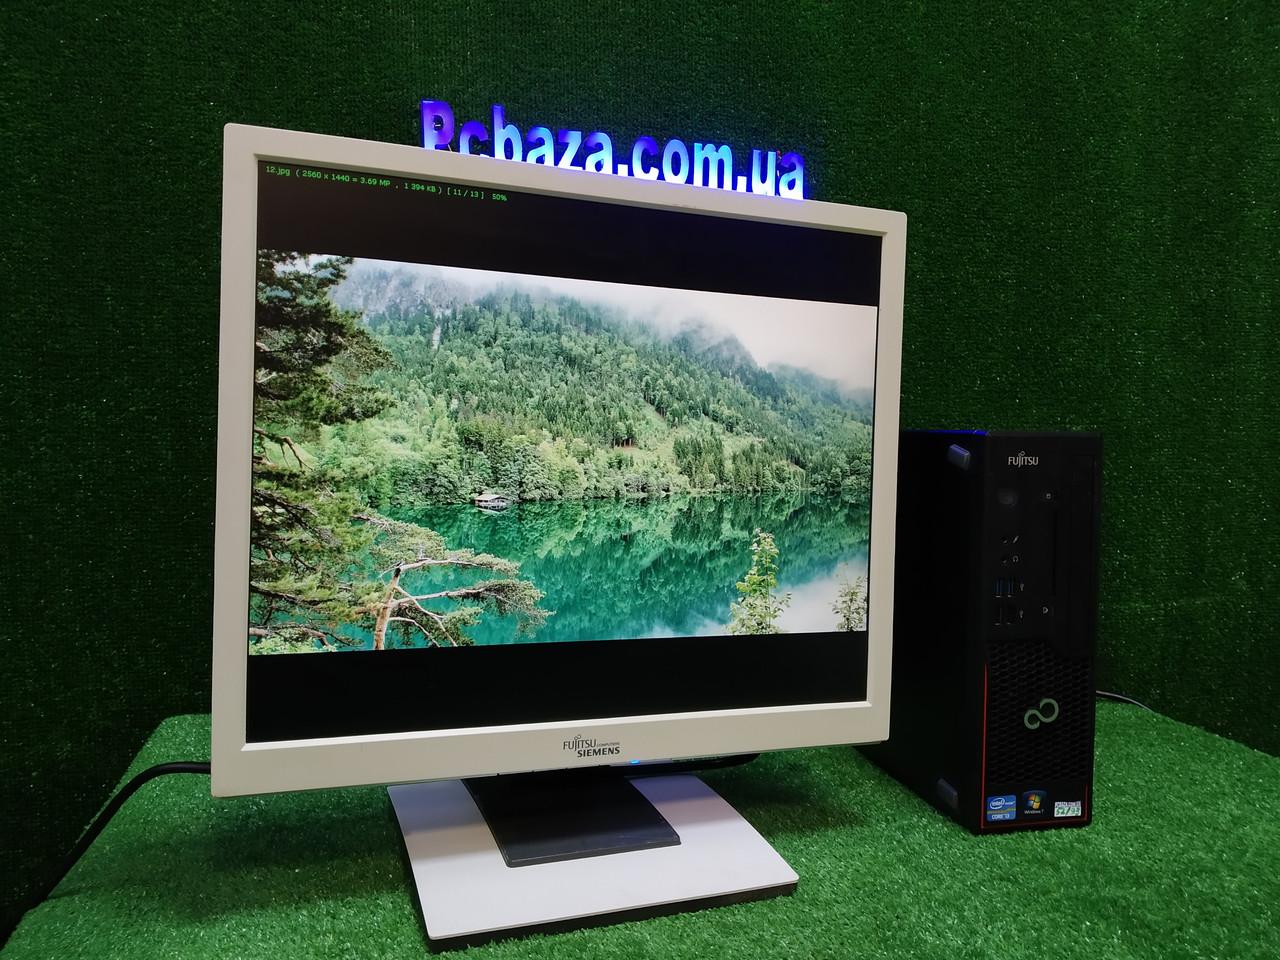 """ПК +монитор 19"""", i3-3220 3.3, 4 ГБ, 500 Гб, 2xCOM, 10 USB, USB 3.0 Настроен. Германия! ОПТ"""